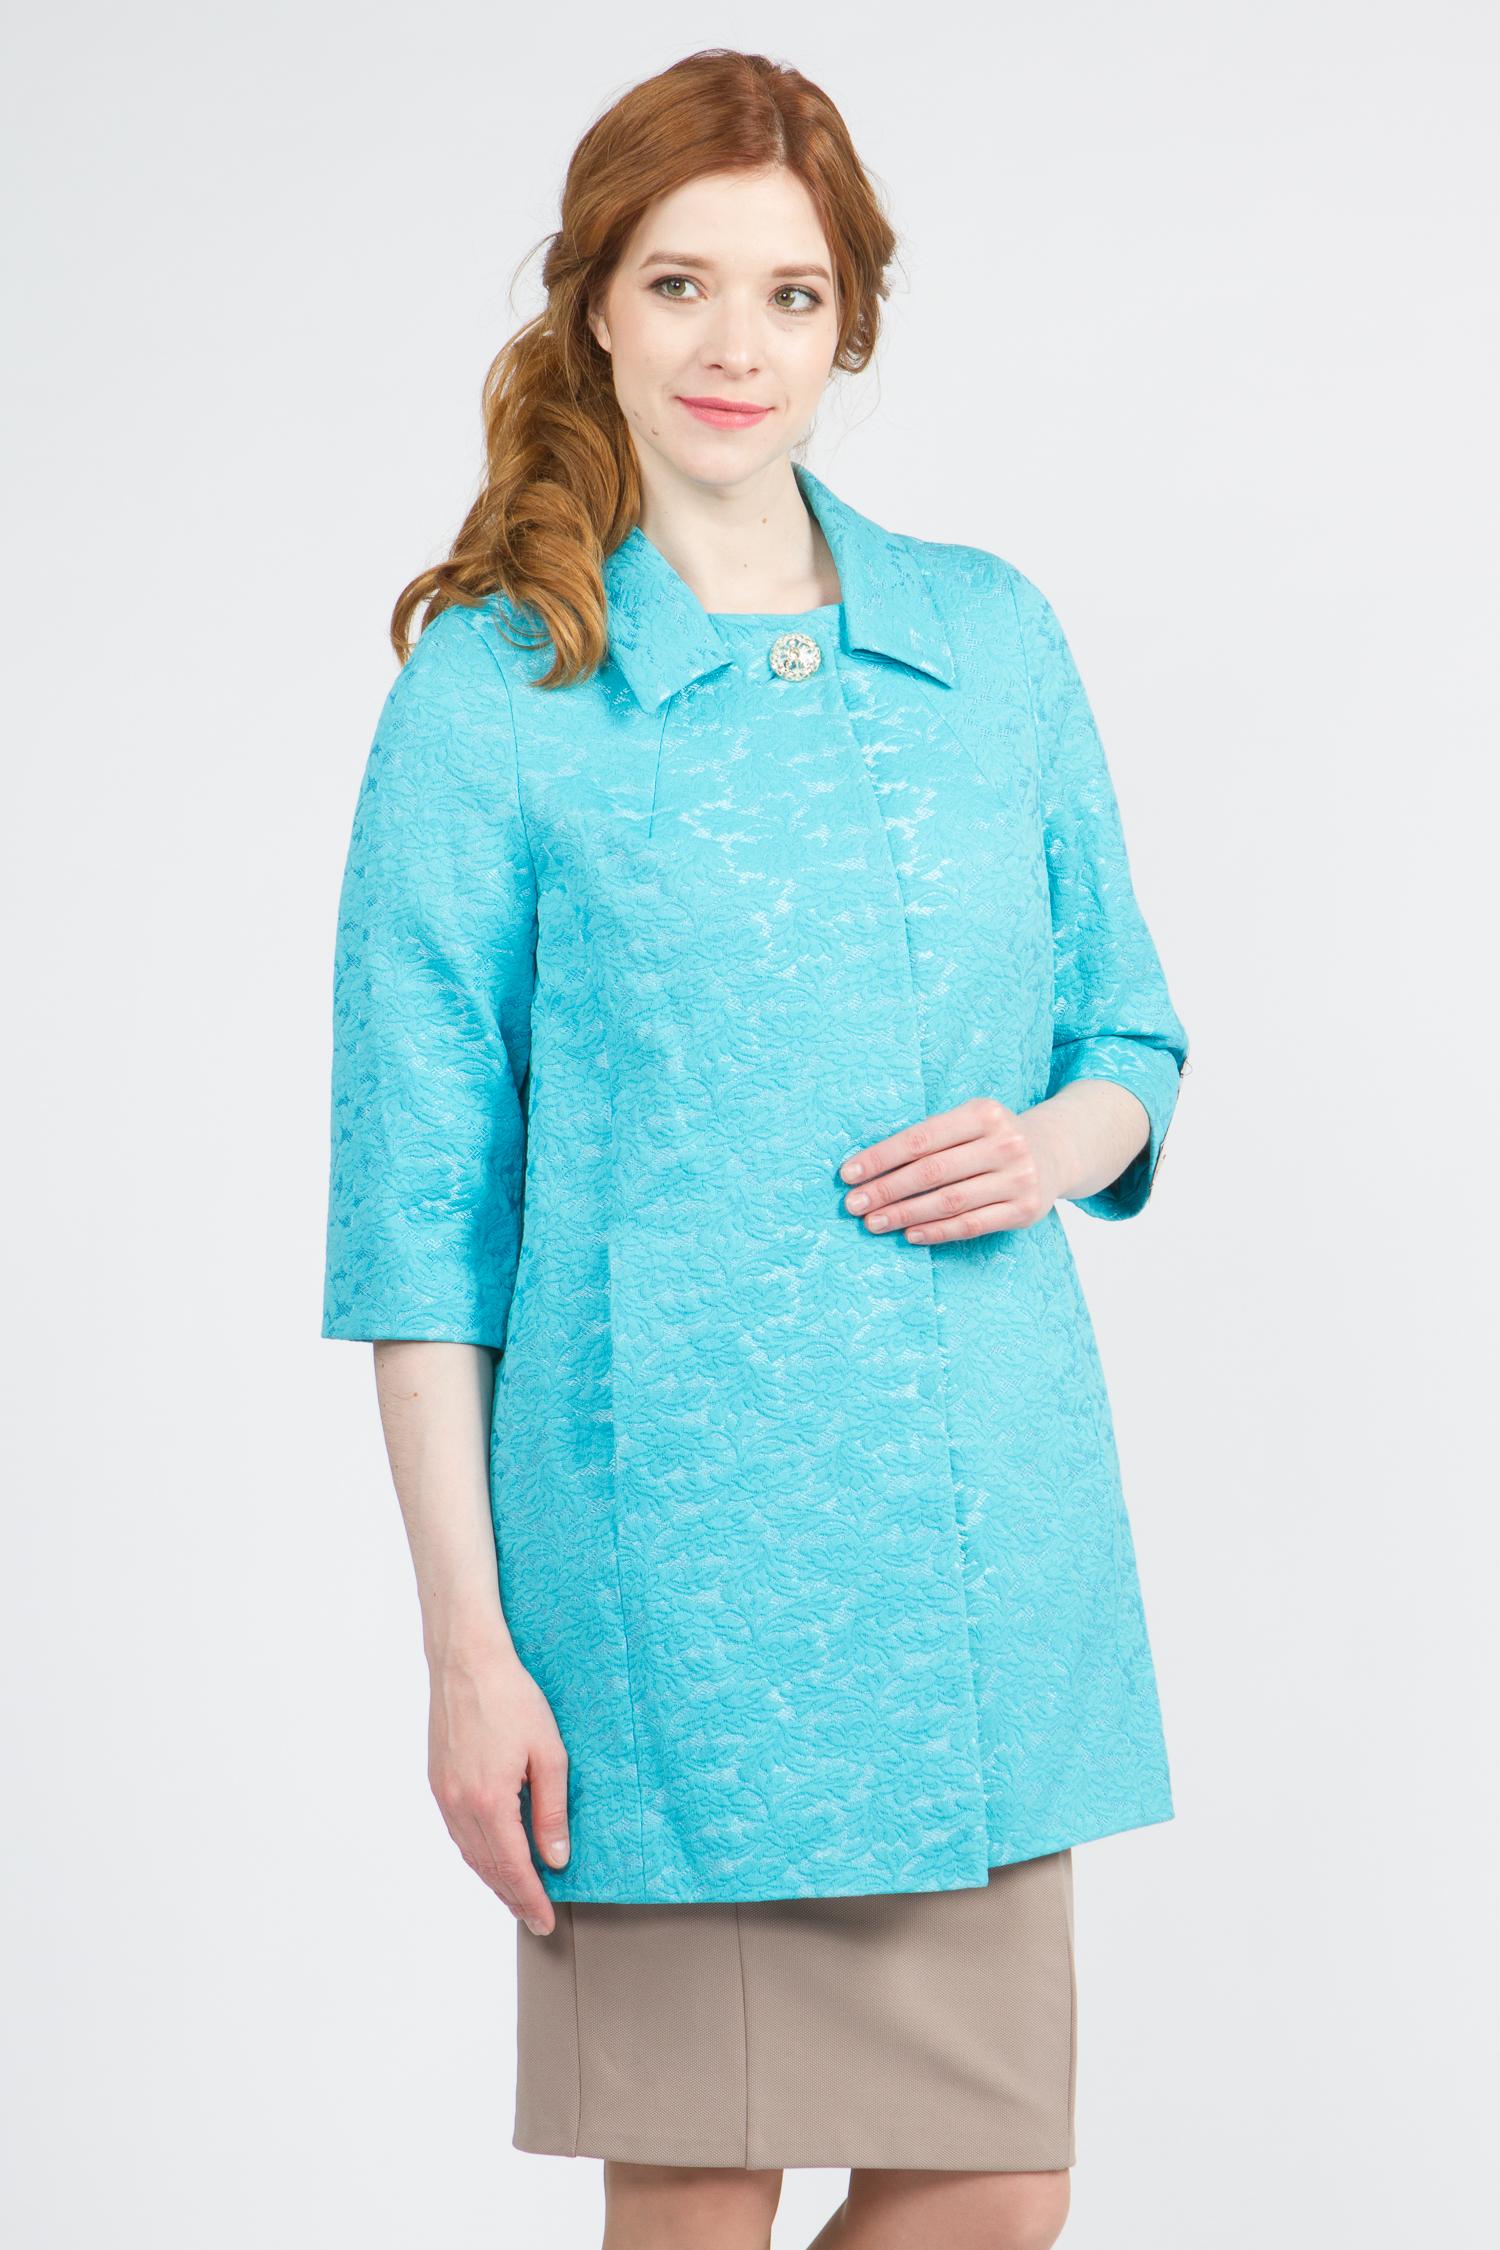 Облегченное женское пальто из текстиля с воротником, без отделки. Производитель: Московская Меховая Компания, артикул: 9075